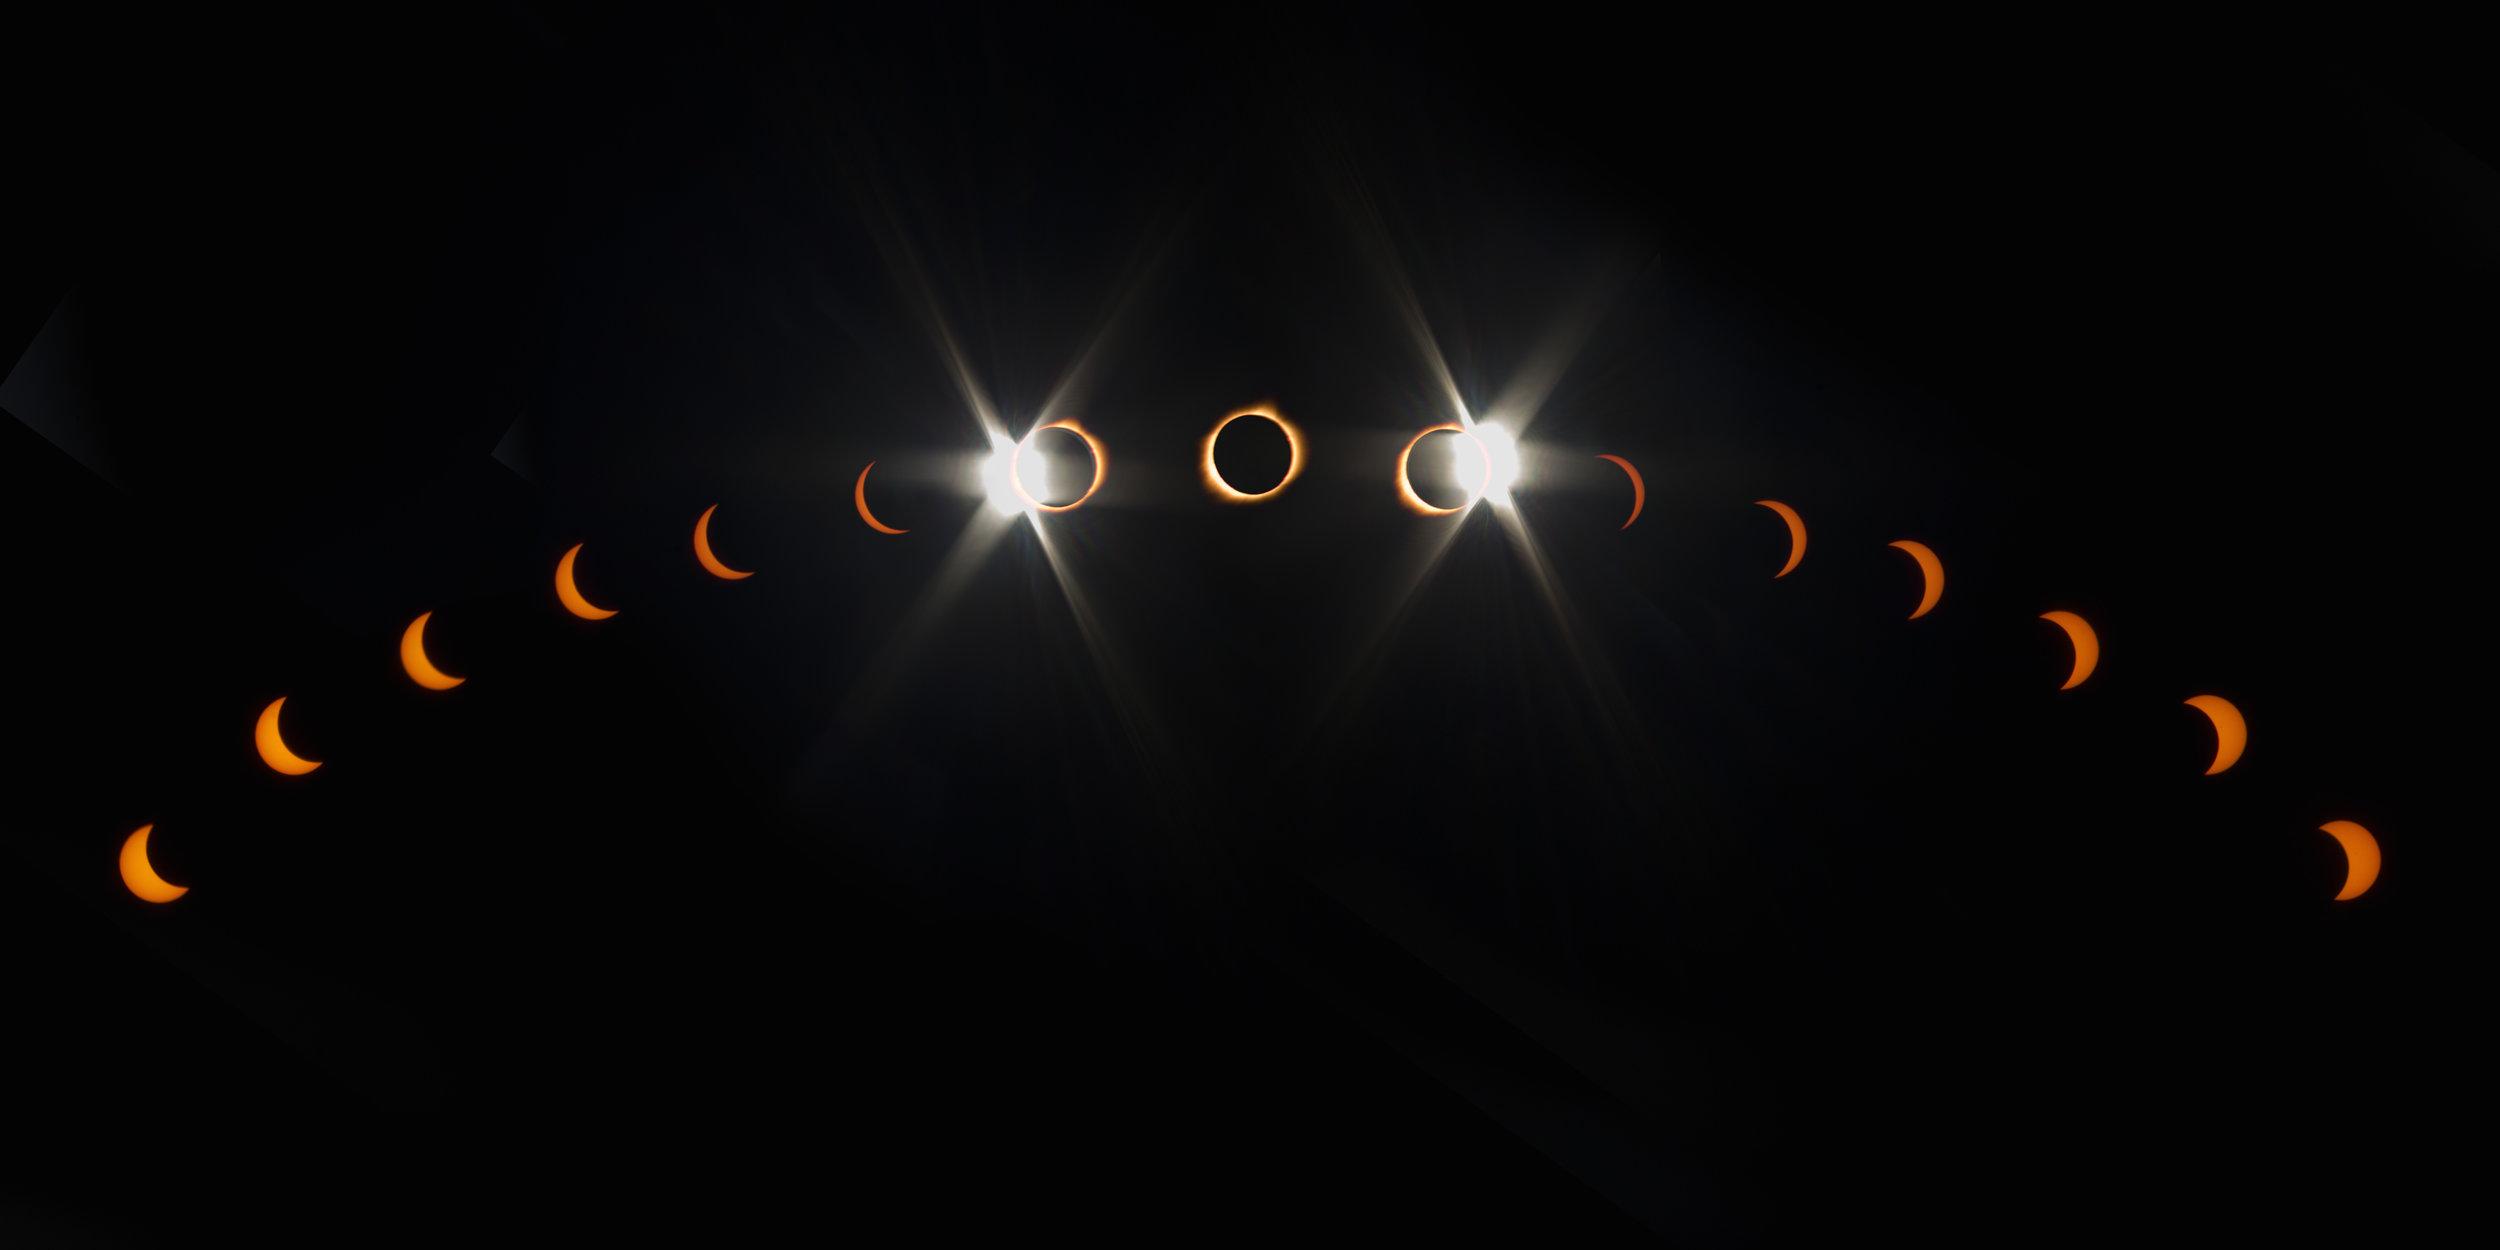 Eclipse lapse_1.jpg